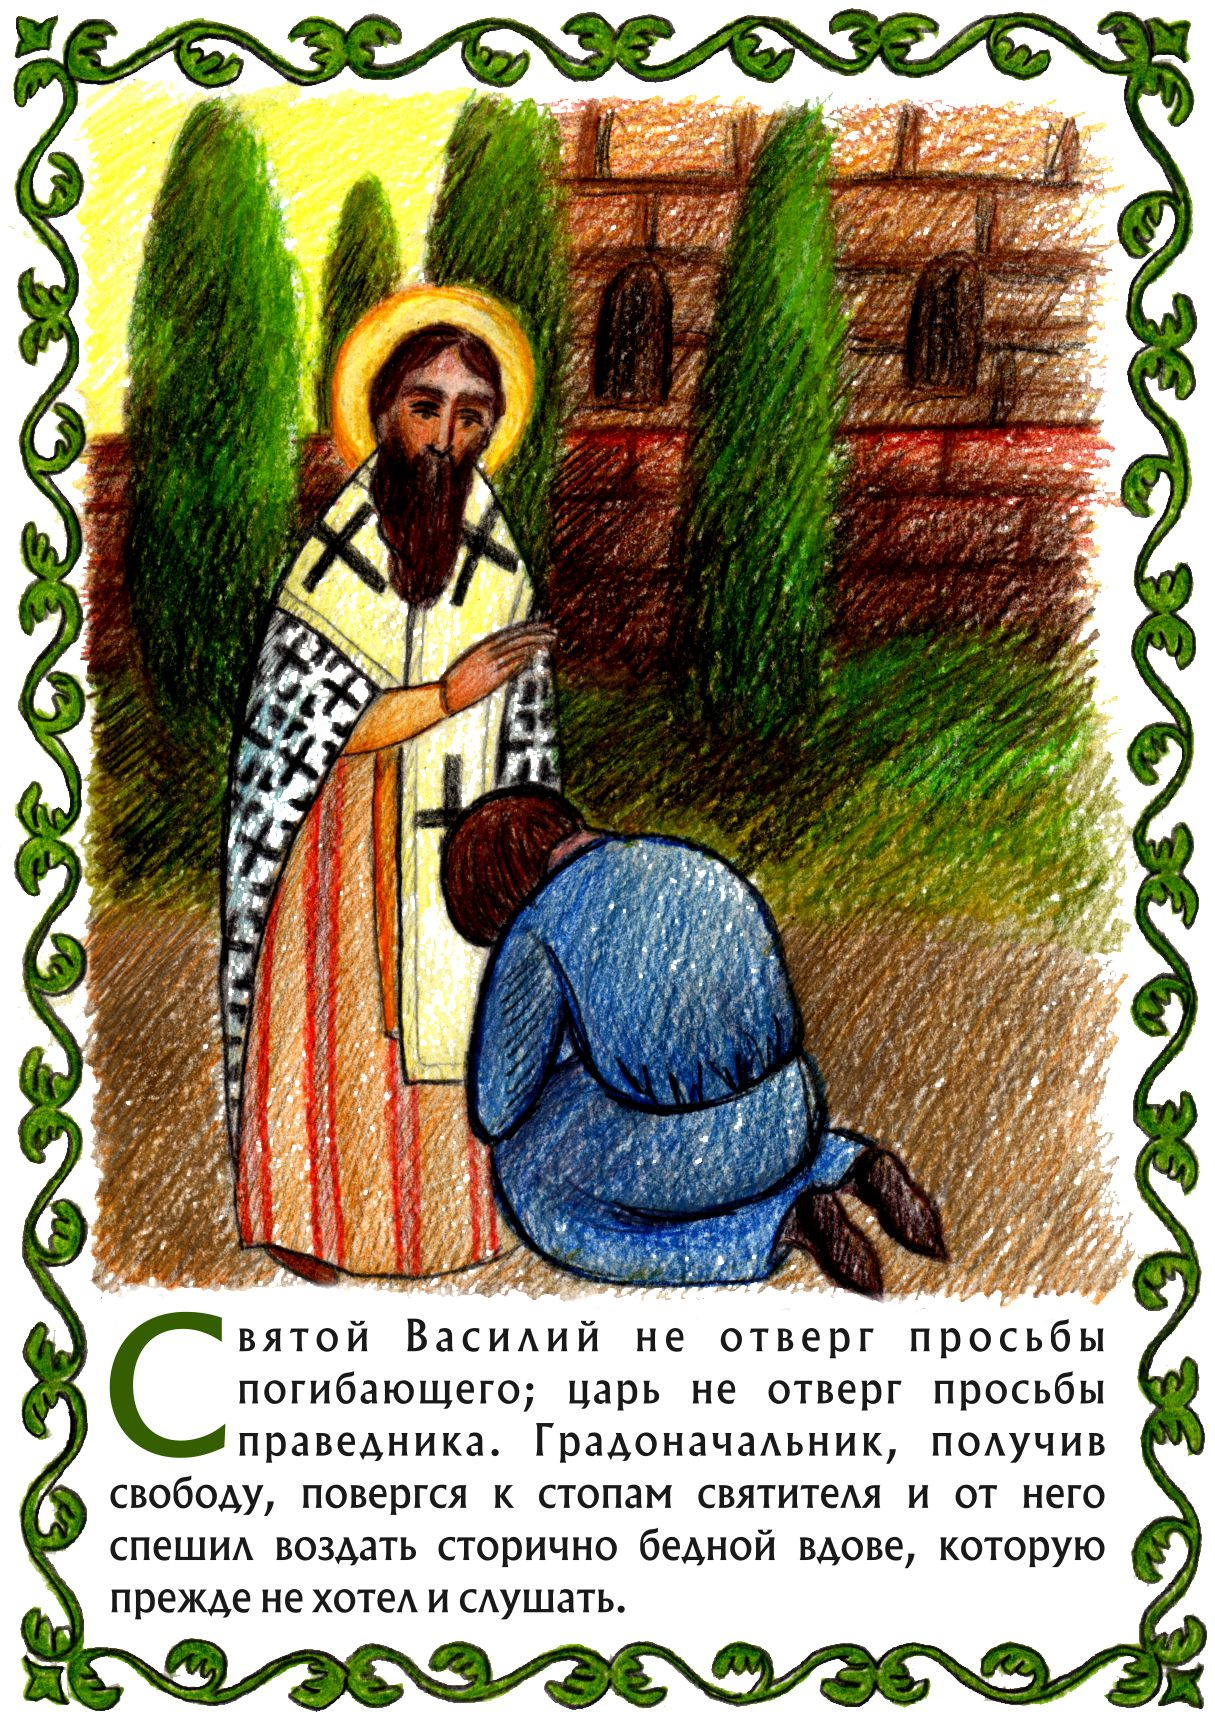 nvv 5 - Незлобие Василия Великого